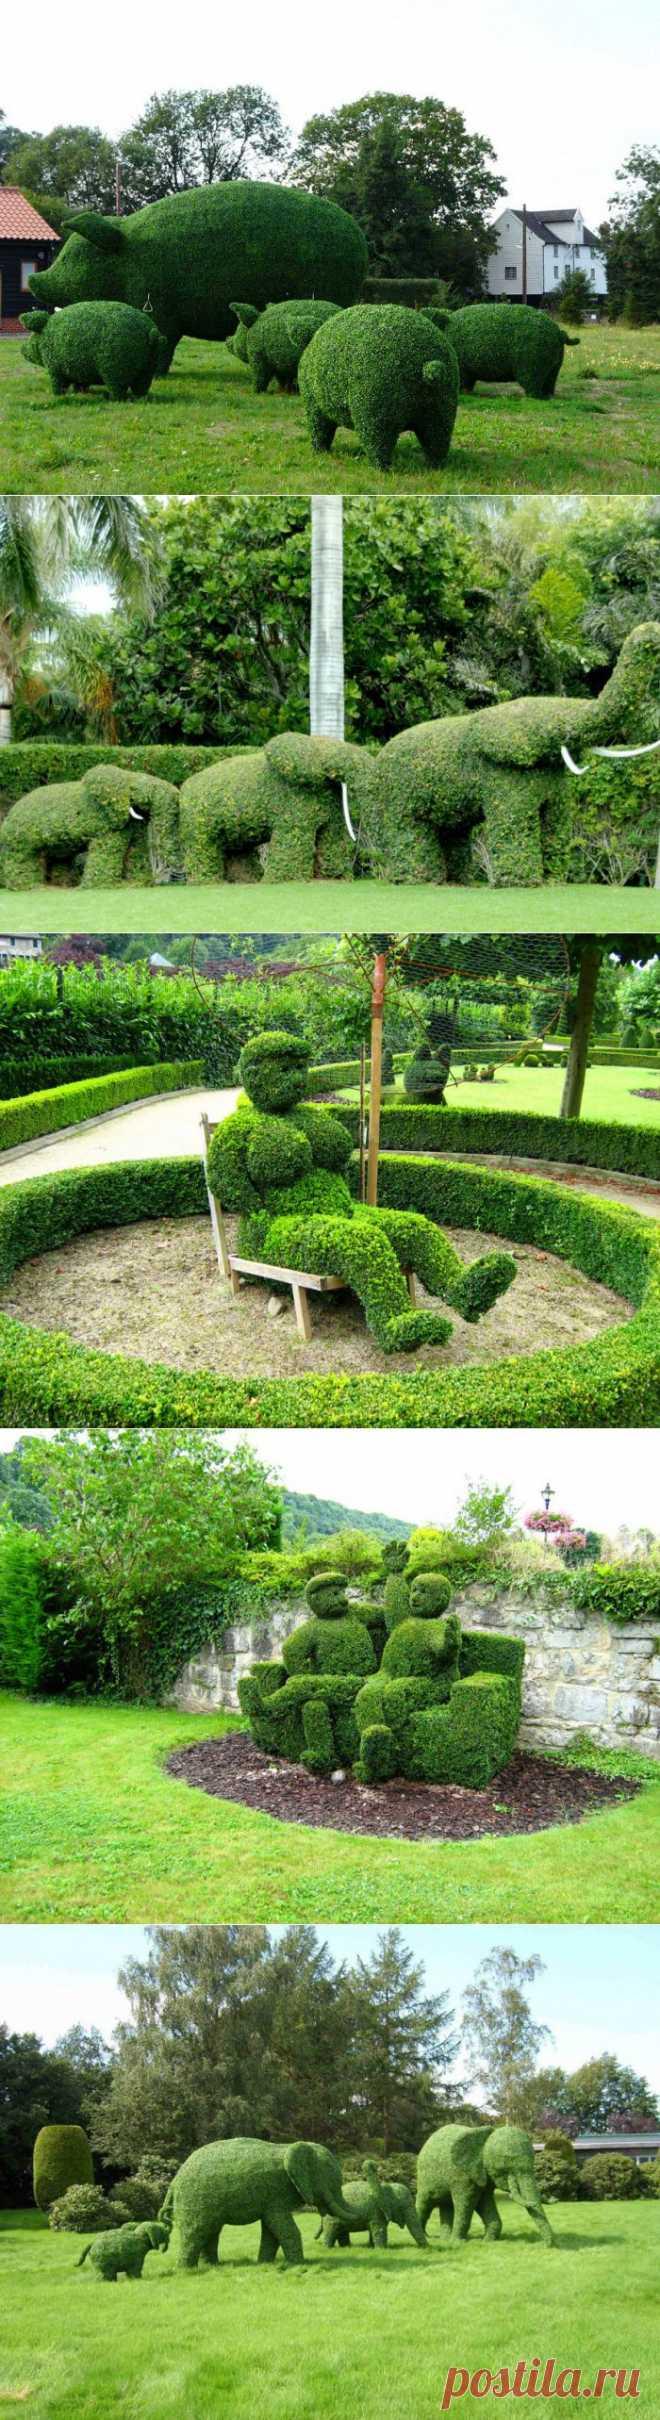 » Топиари – зеленое искусство Это интересно!